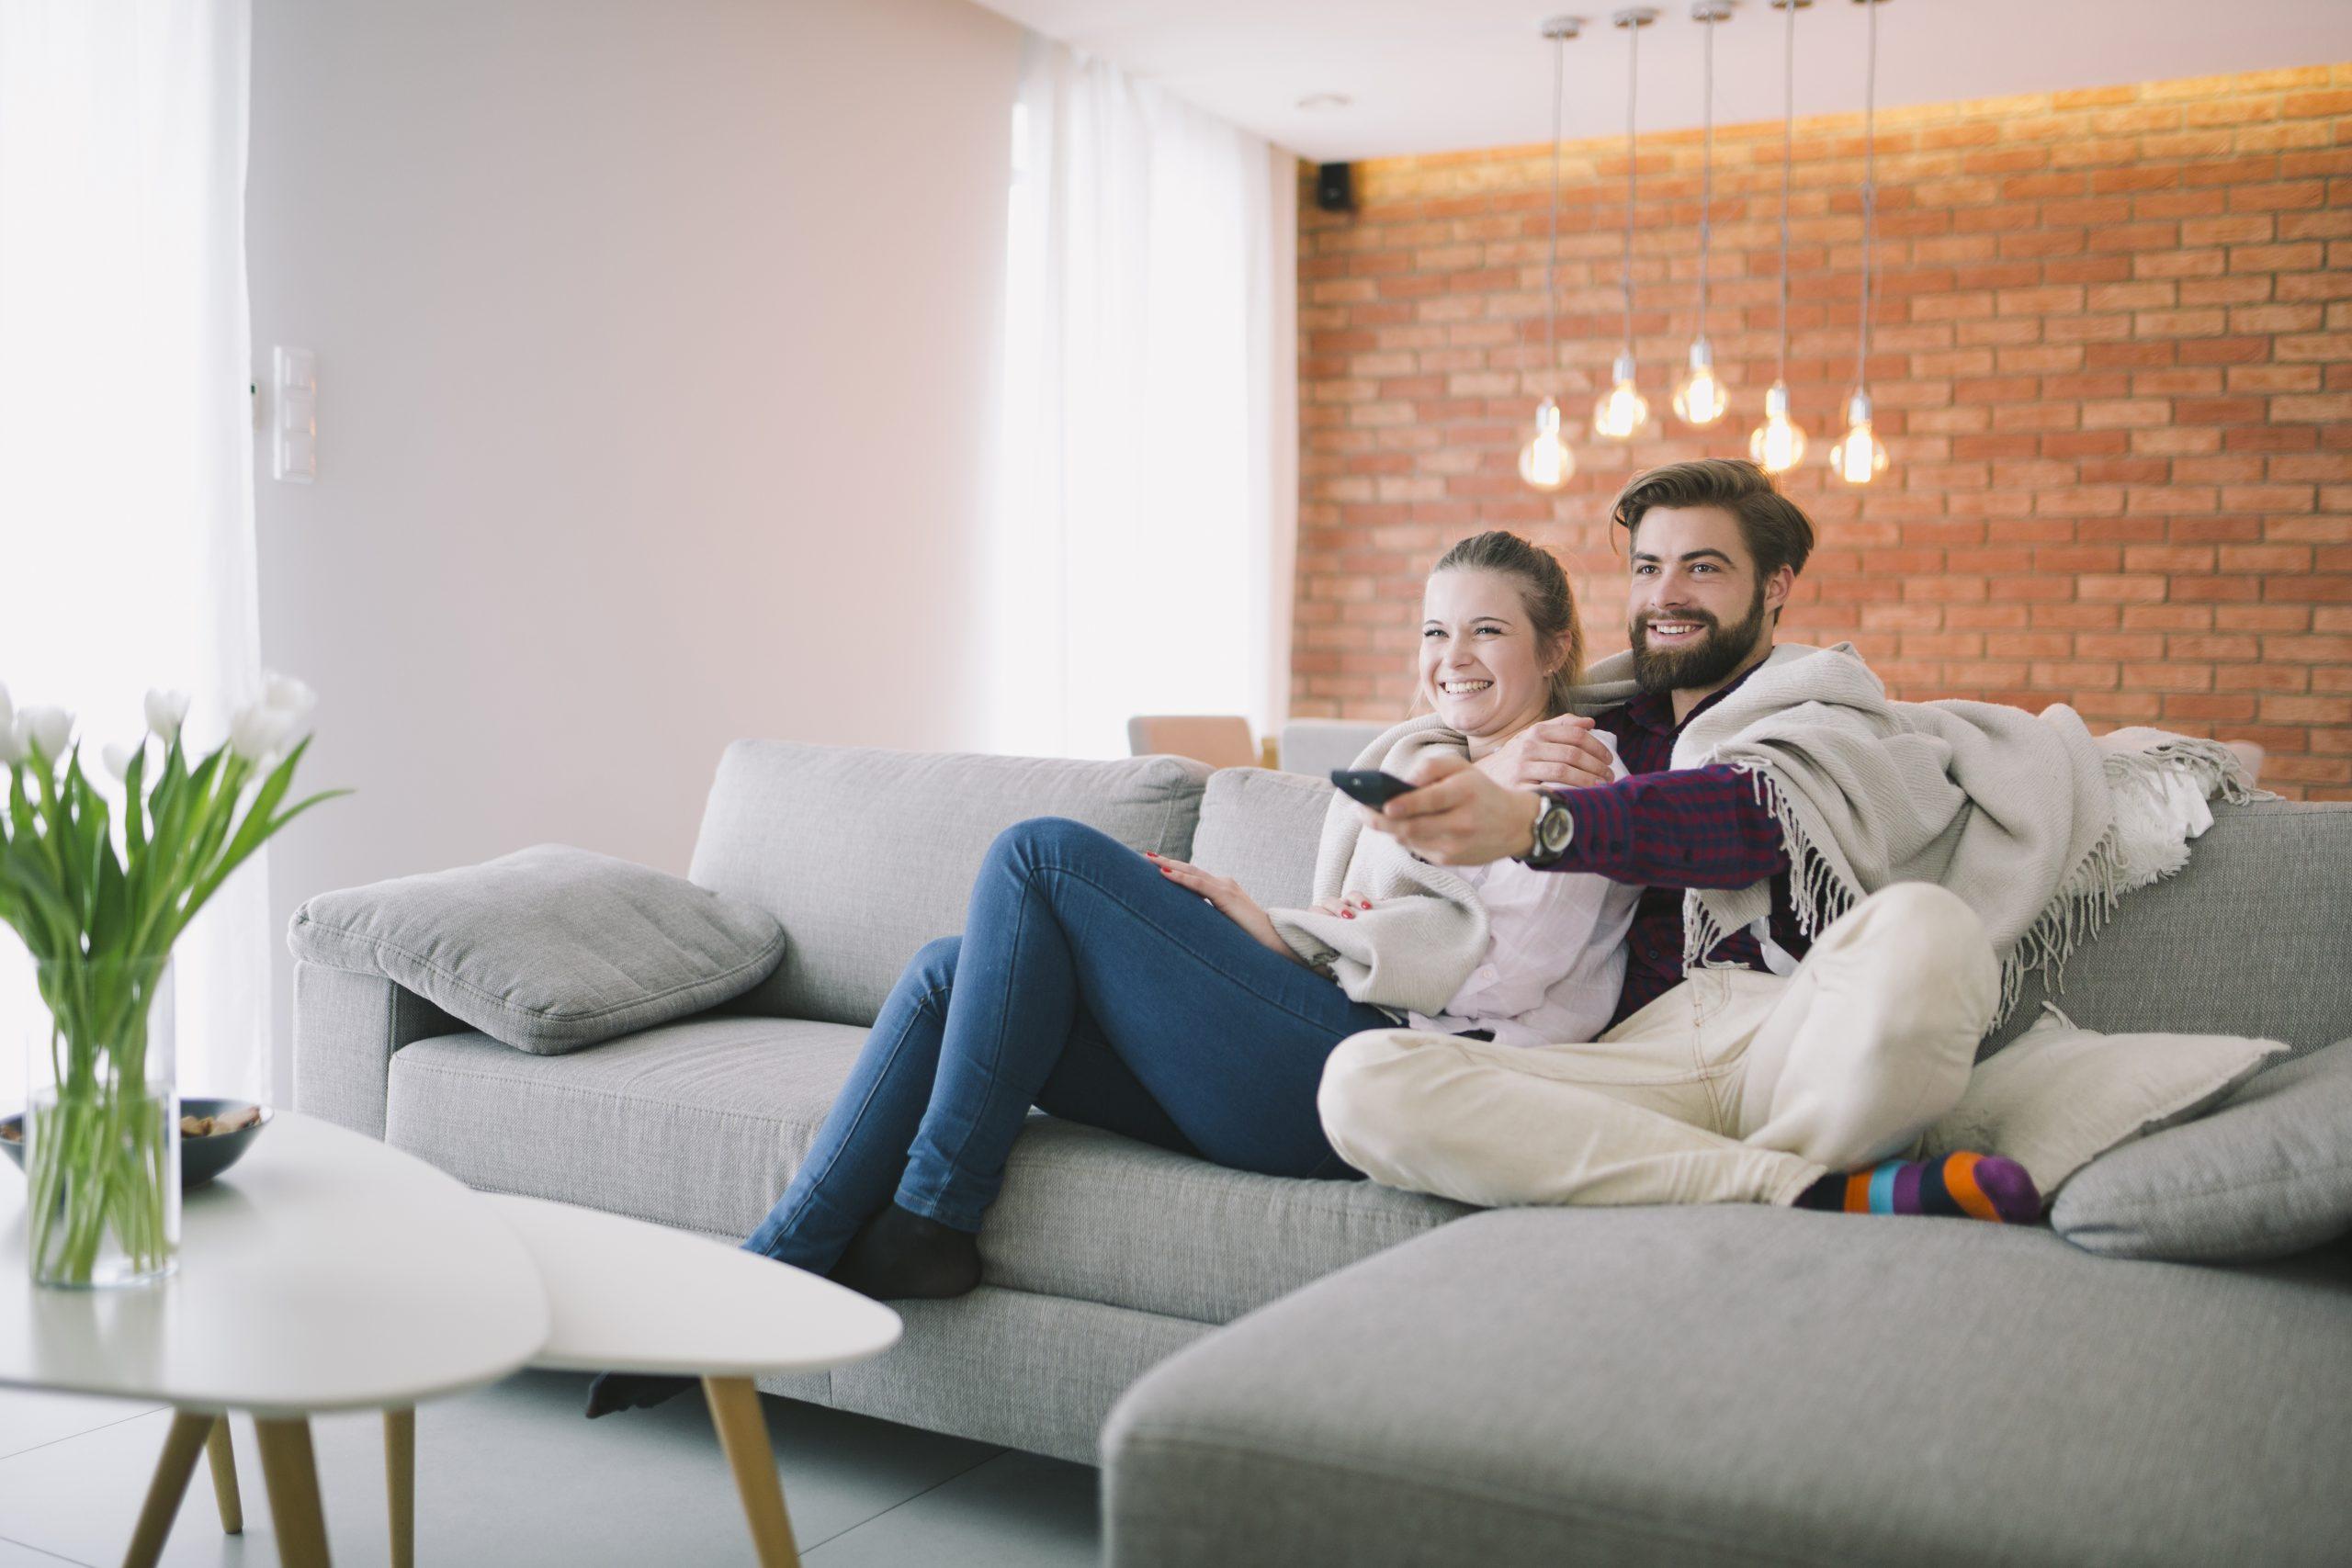 El respaldo de un sofá debe cubrir tu espalda y cuello para tu comodidad. Los cojines pueden ser lineales, redondos, etc.